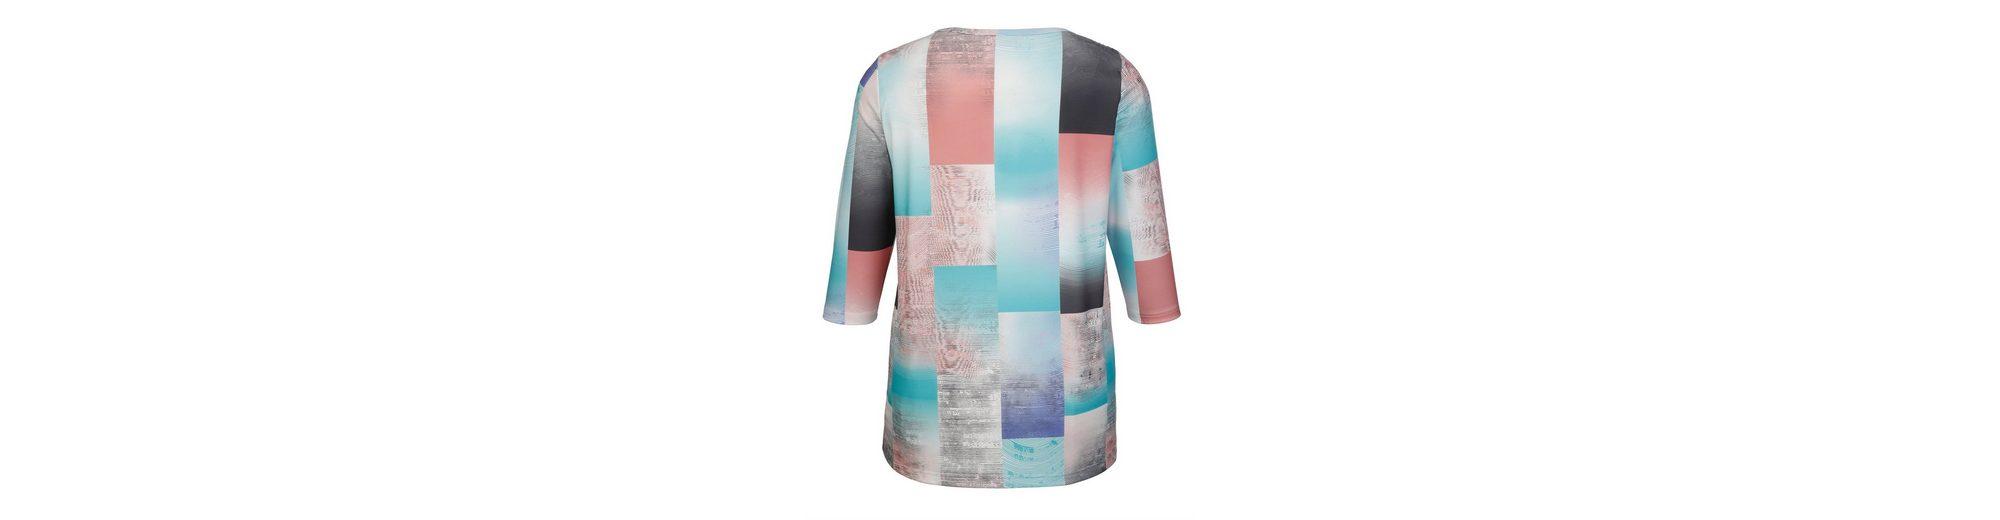 Verkauf Billig Auslass 100% Garantiert MIAMODA Shirt mit Druckmuster in zarten Pastelltönen rdrcF